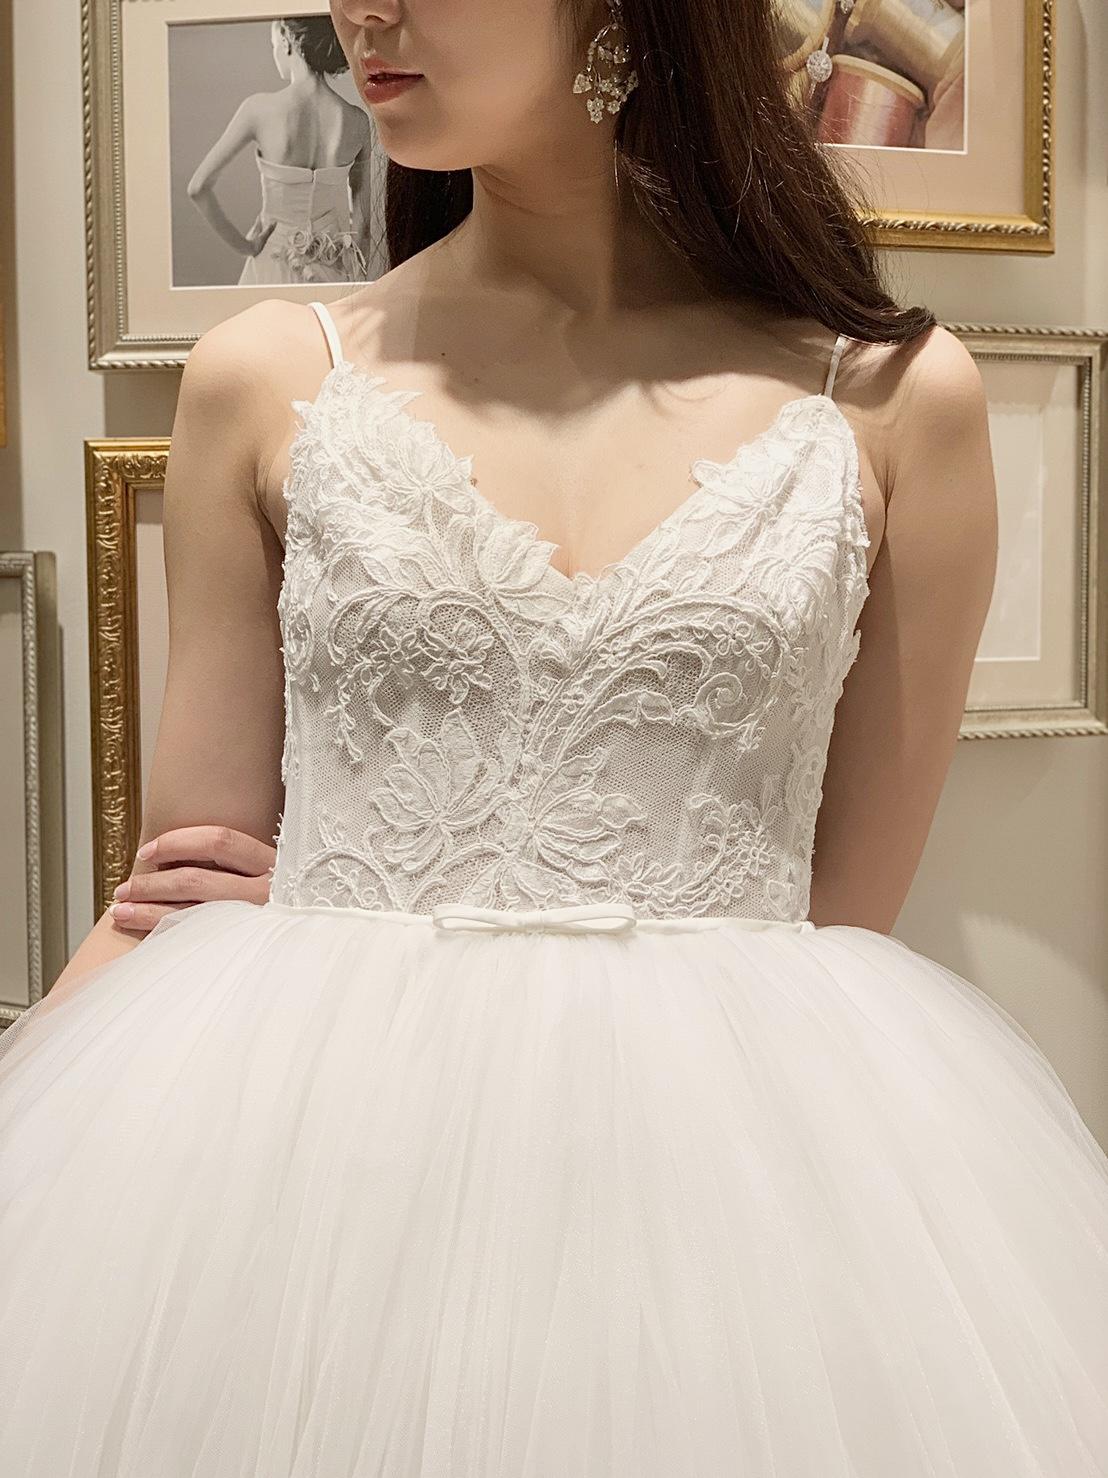 THETREATDRESSING神戸店からMonique Lhuillierのウェディングドレスとイヤリングのコーディネートのご紹介